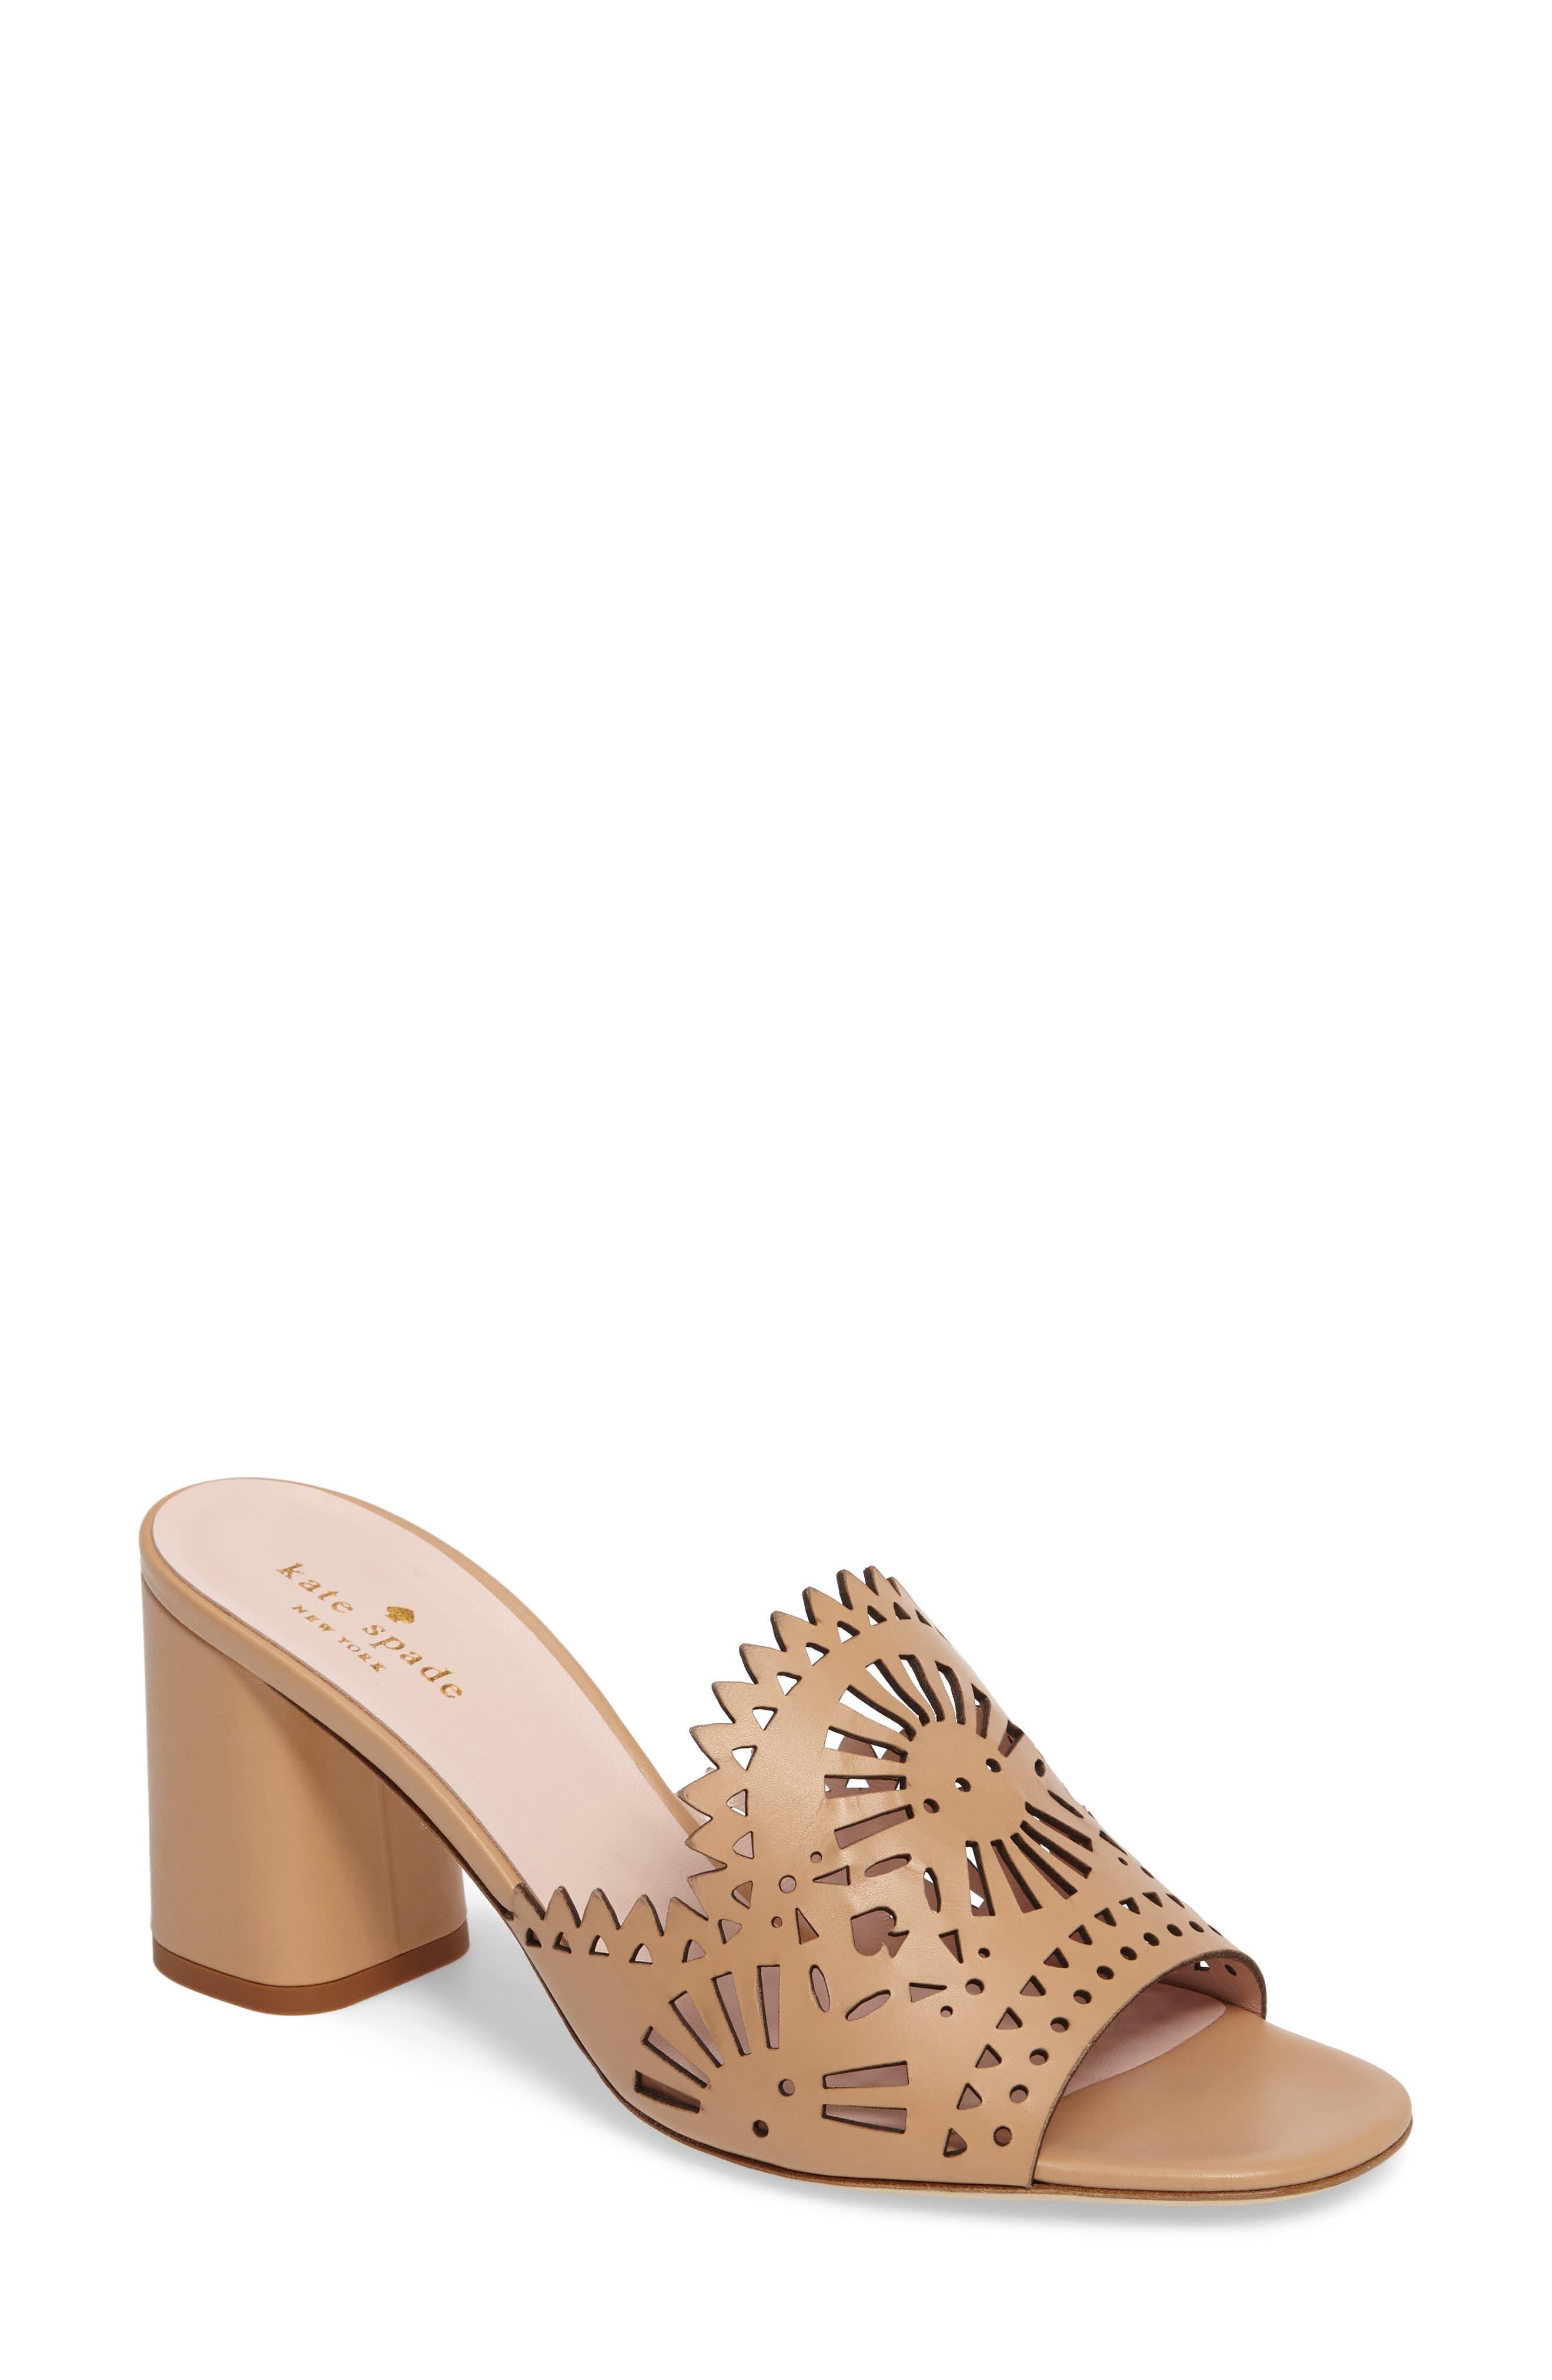 KATE SPADE NEW YORK delgado slide sandal